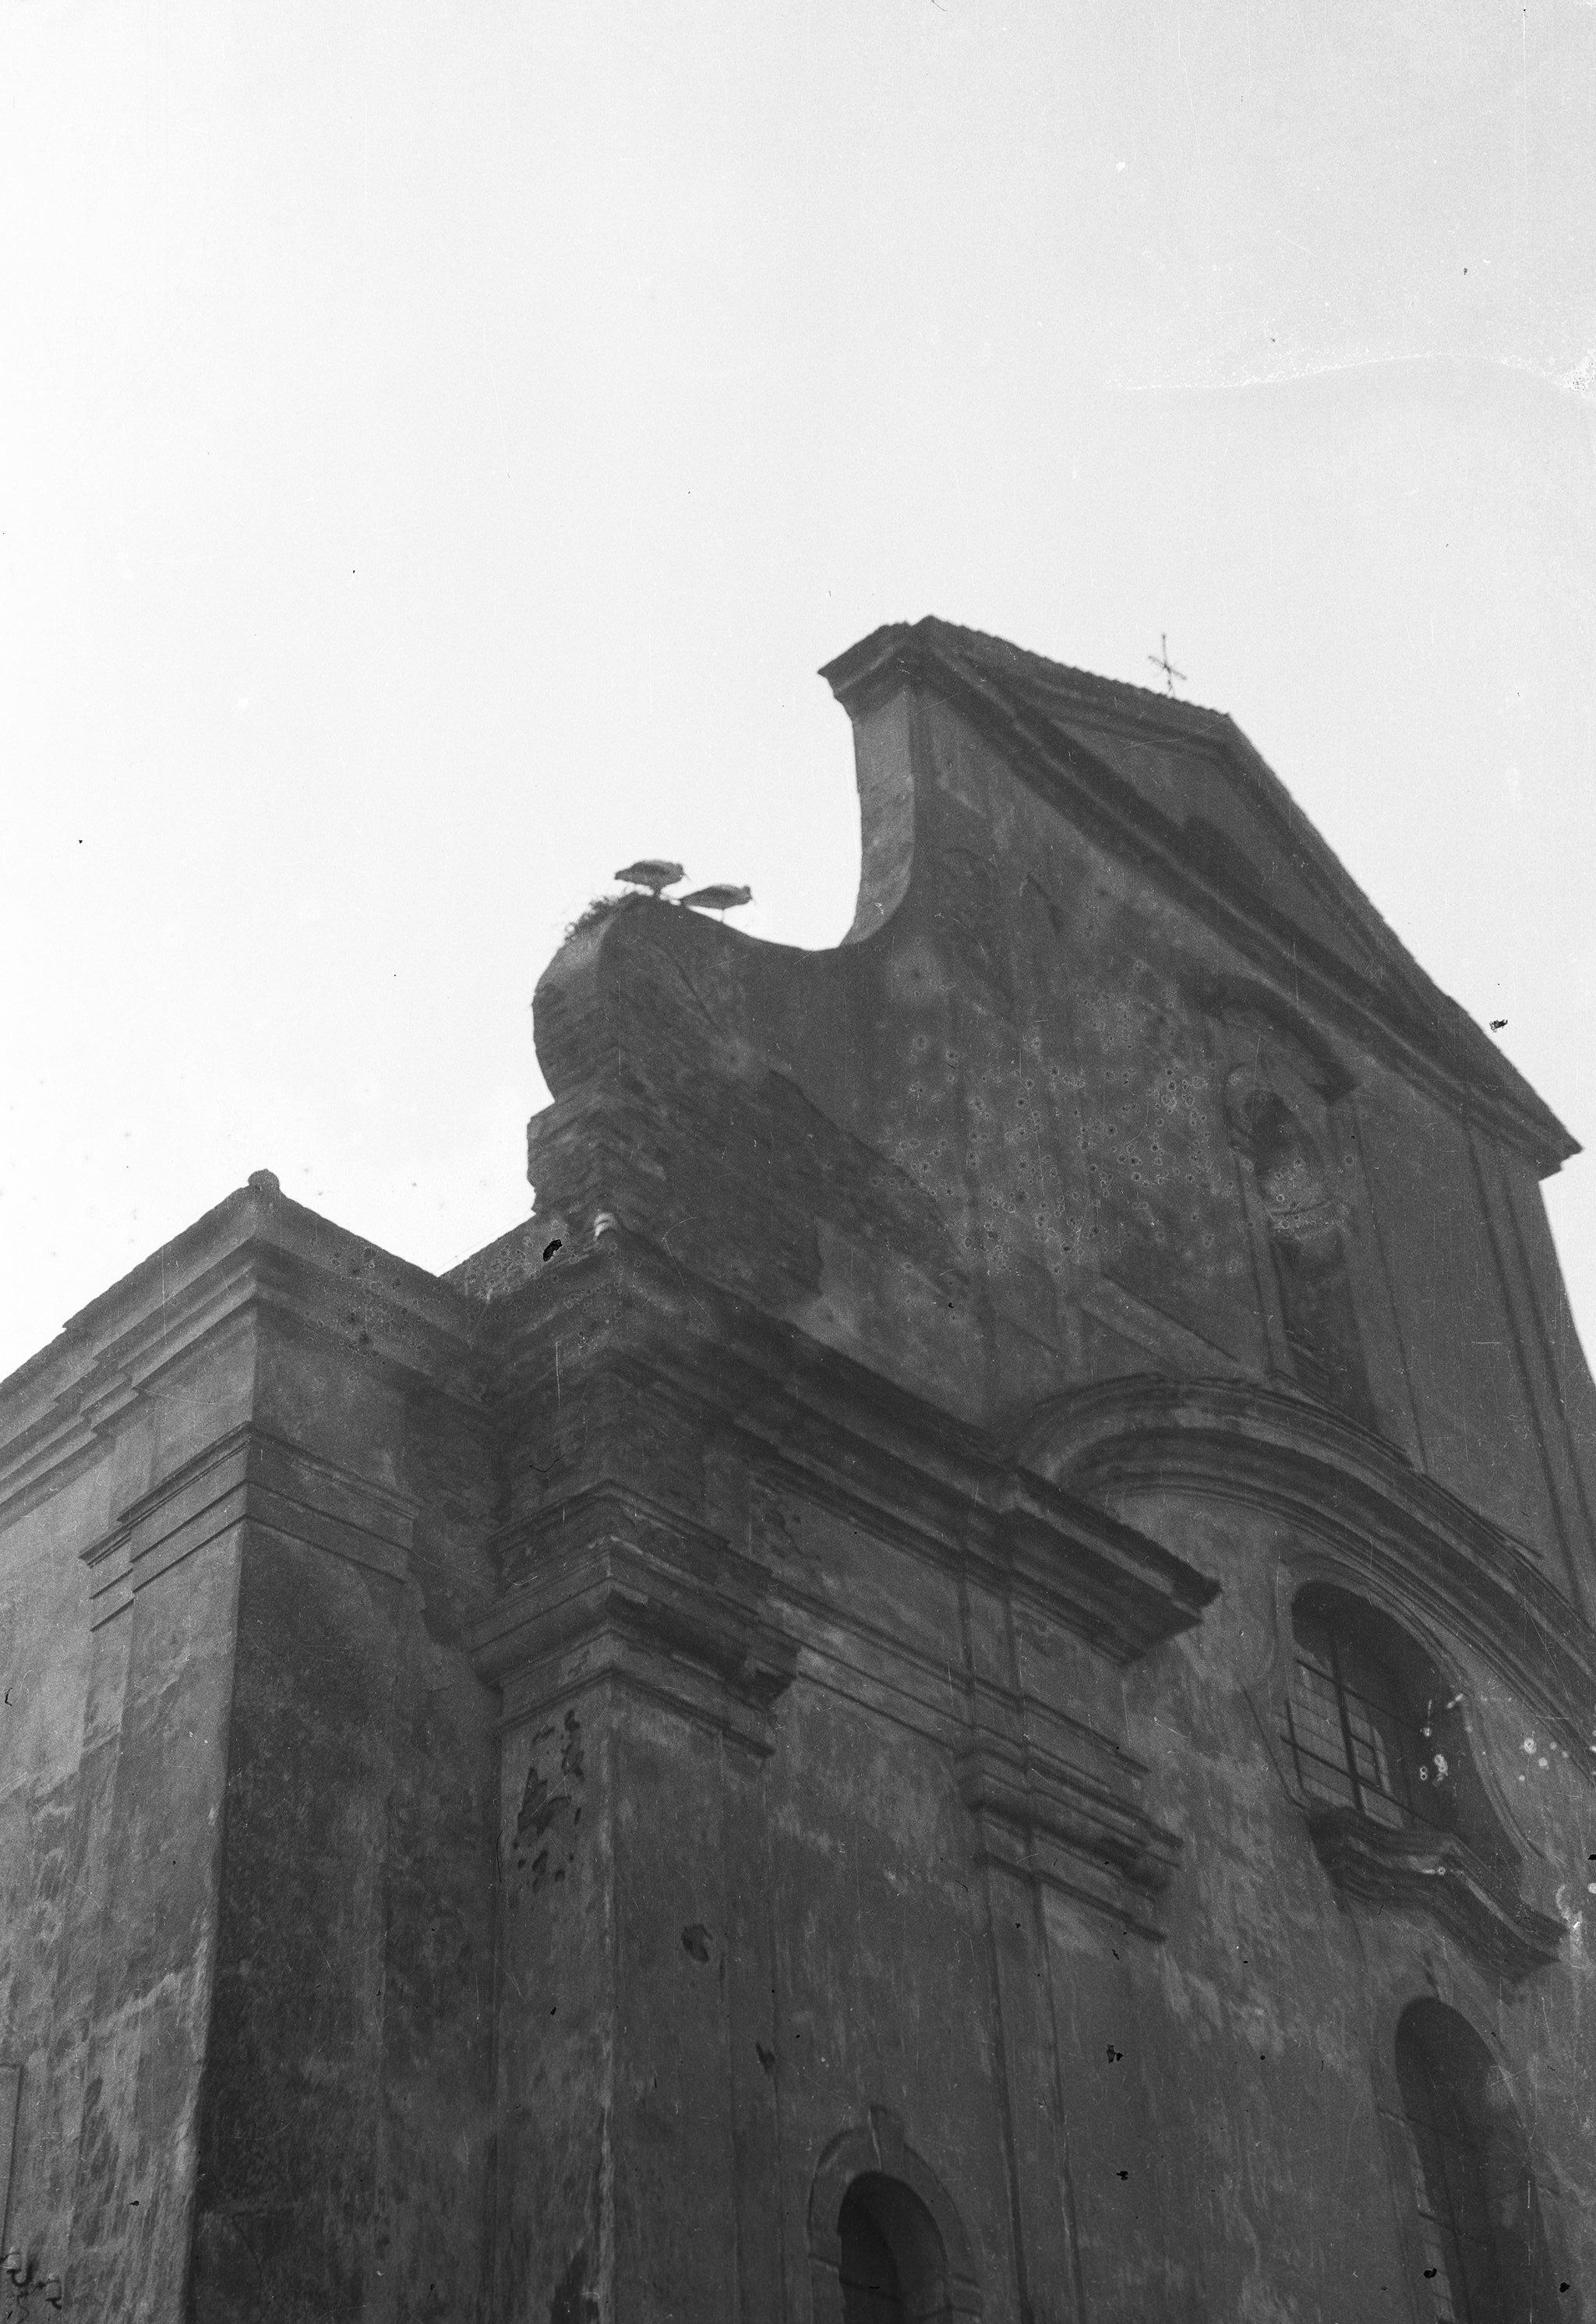 Część fasady kościoła w Głębowicach, Dolny Śląsk, 1957 r.